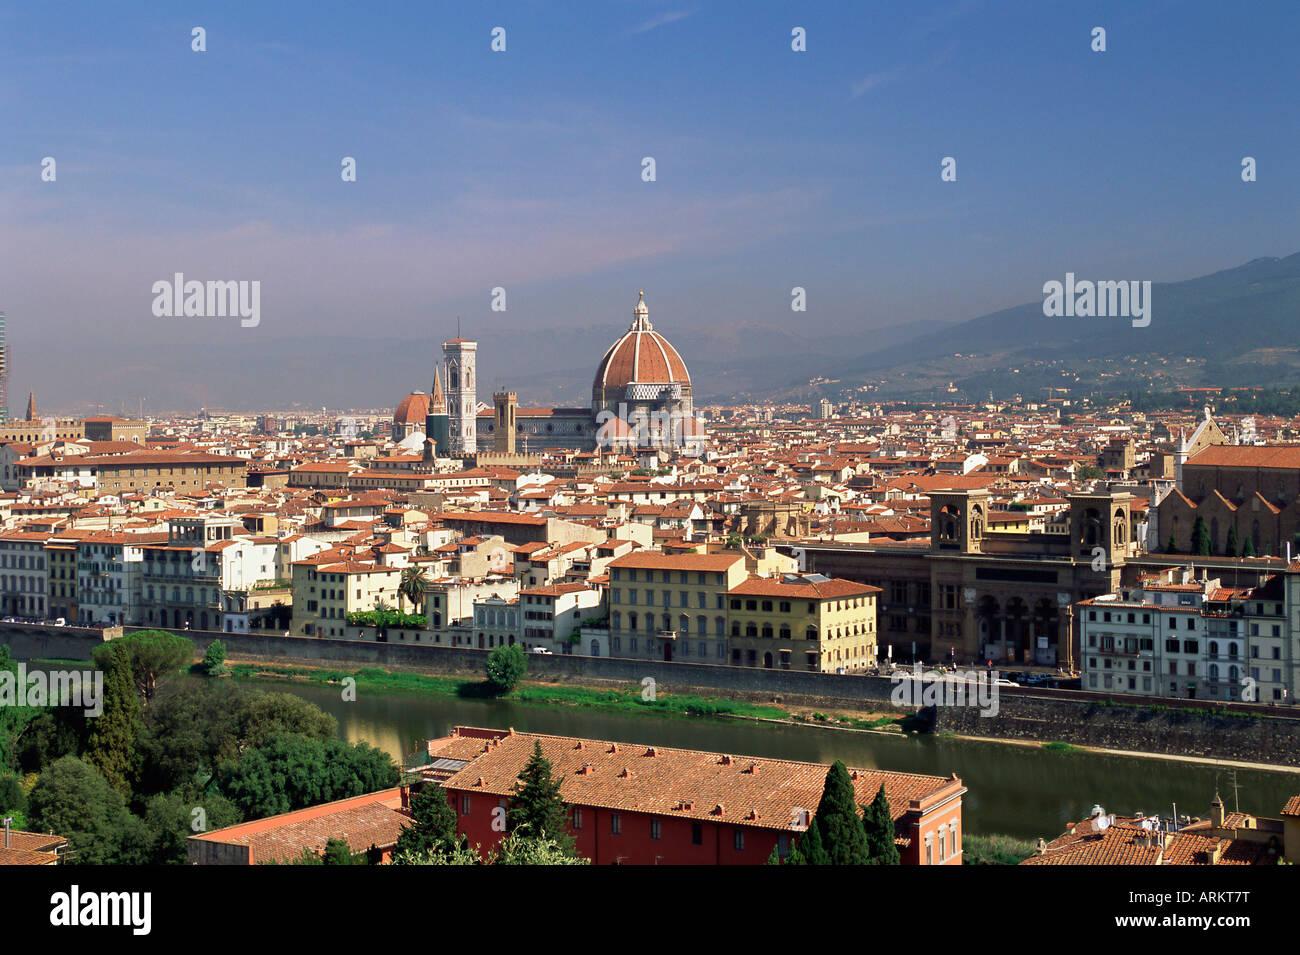 Blick über die Stadt Skyline, Florenz, Toskana, Italien, Europa Stockbild